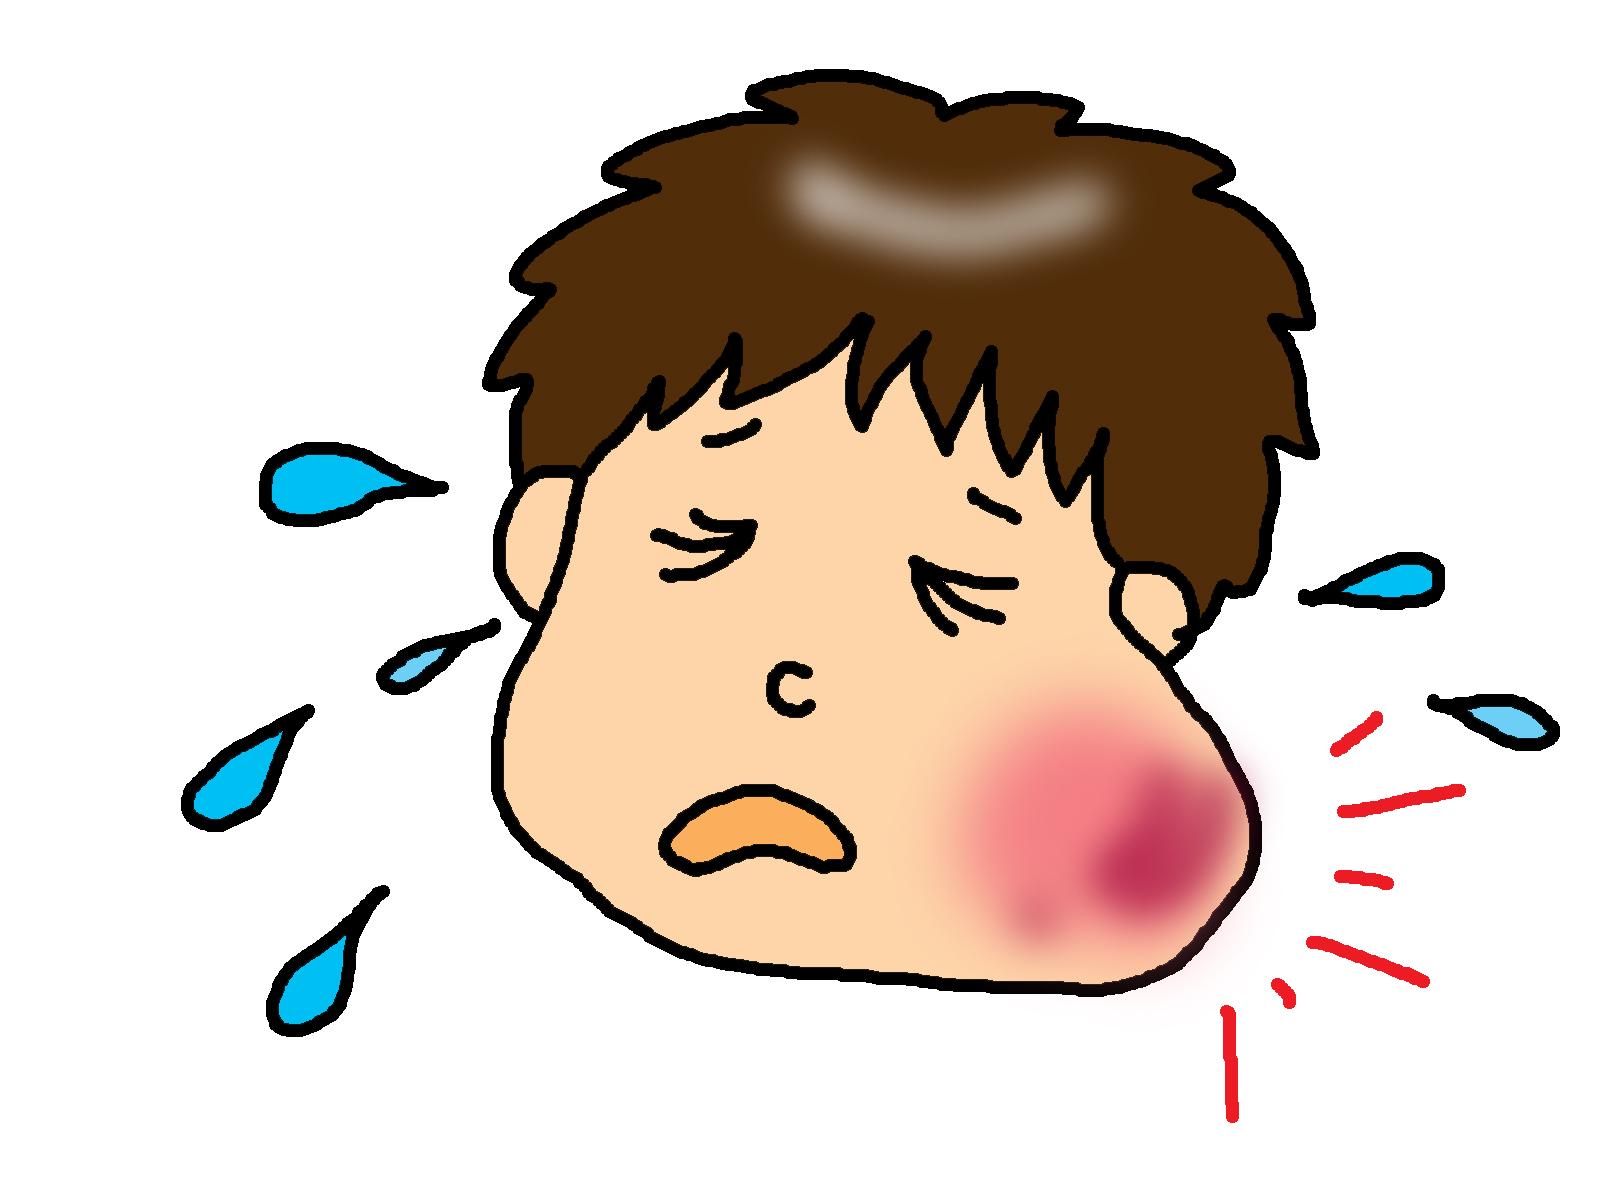 おたふく風邪に中学生がかかったら?症状や合併症は?予防接種はすべき?